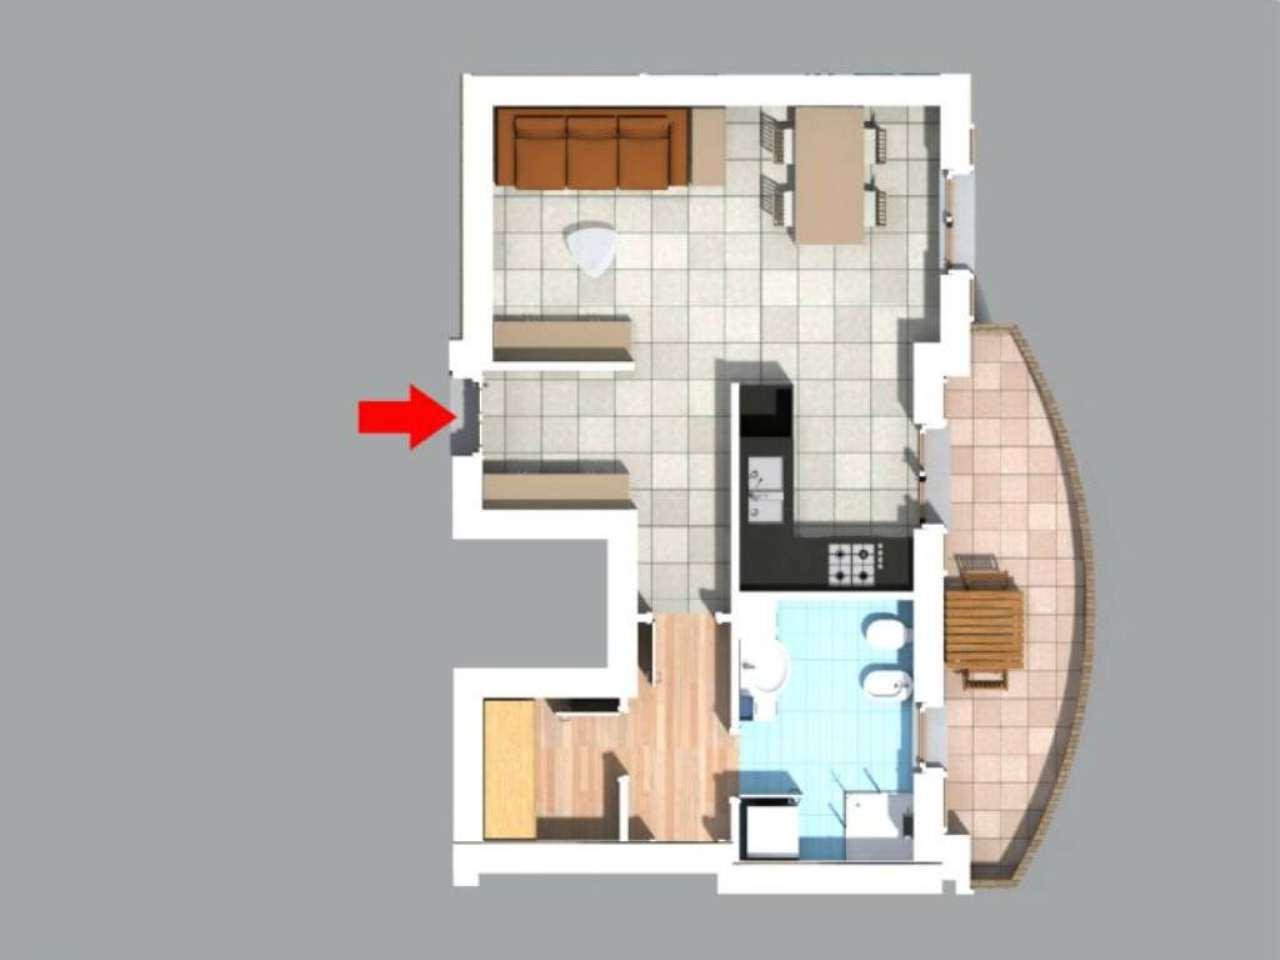 Appartamento in vendita a Inzago, 1 locali, prezzo € 108.000 | Cambio Casa.it